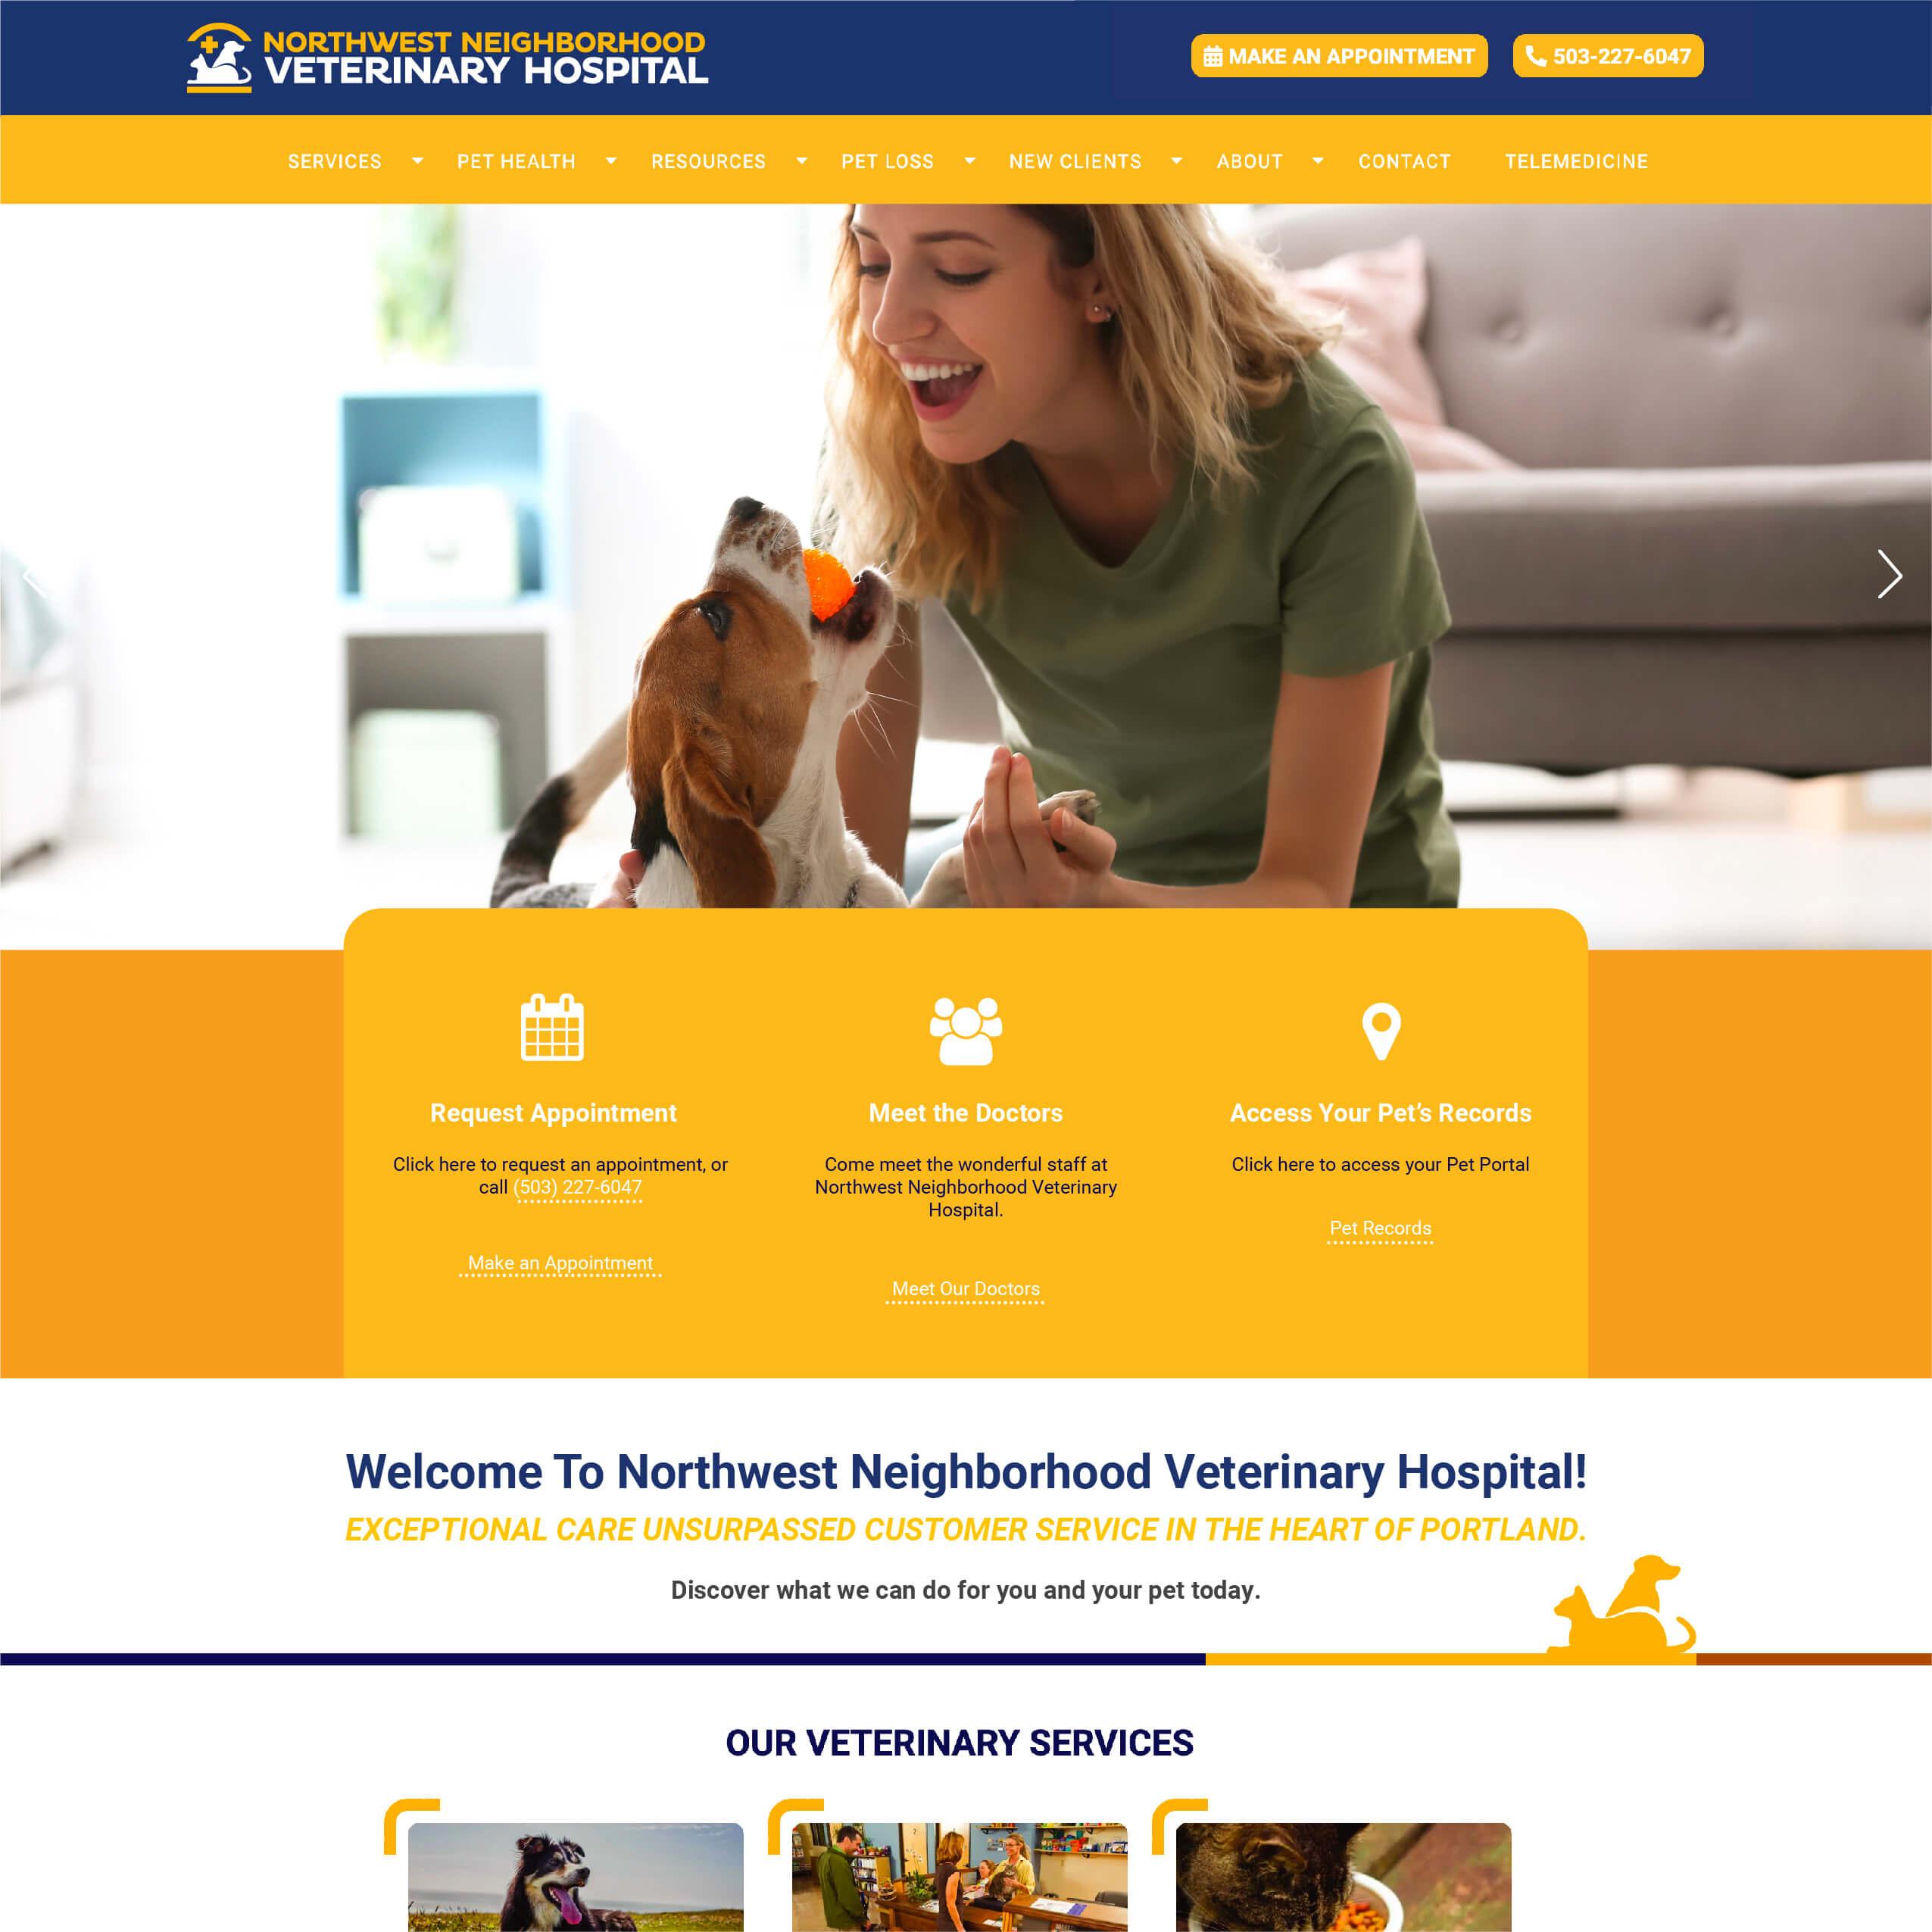 Northwest Neighborhood Veterinary Hospital